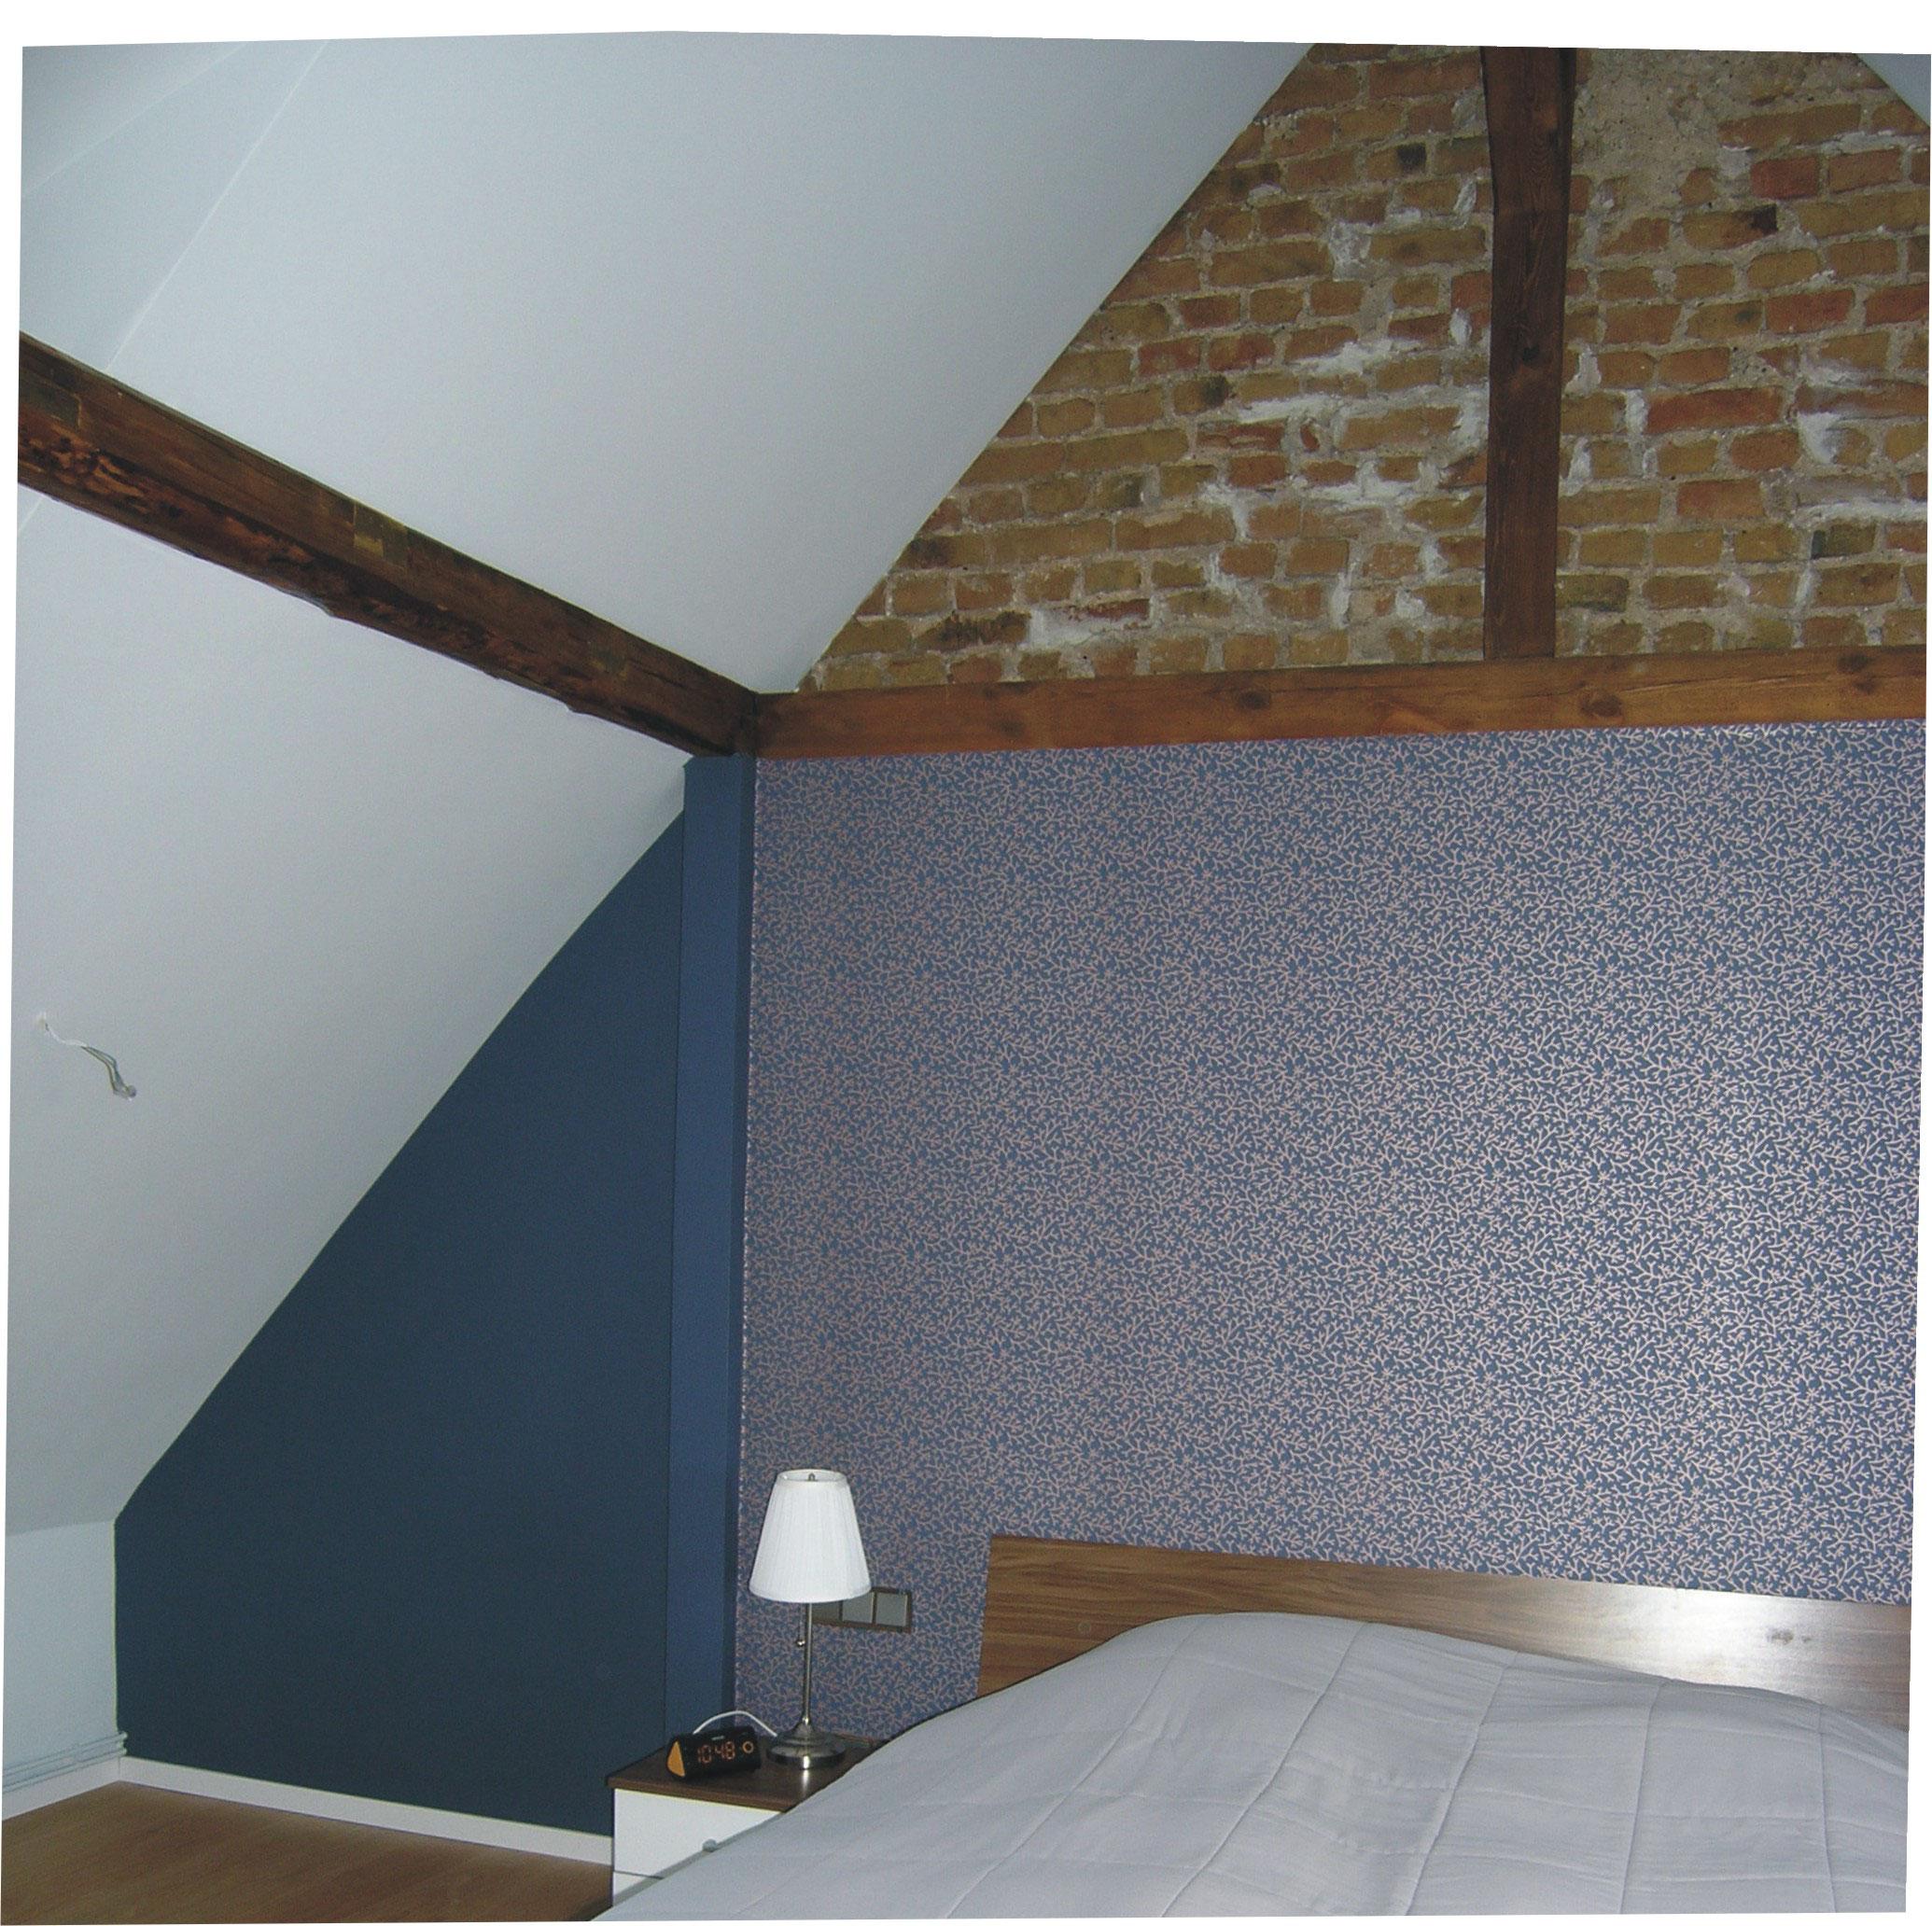 entkernung dachausbau f r ein schlafzimmer erhaltung der. Black Bedroom Furniture Sets. Home Design Ideas